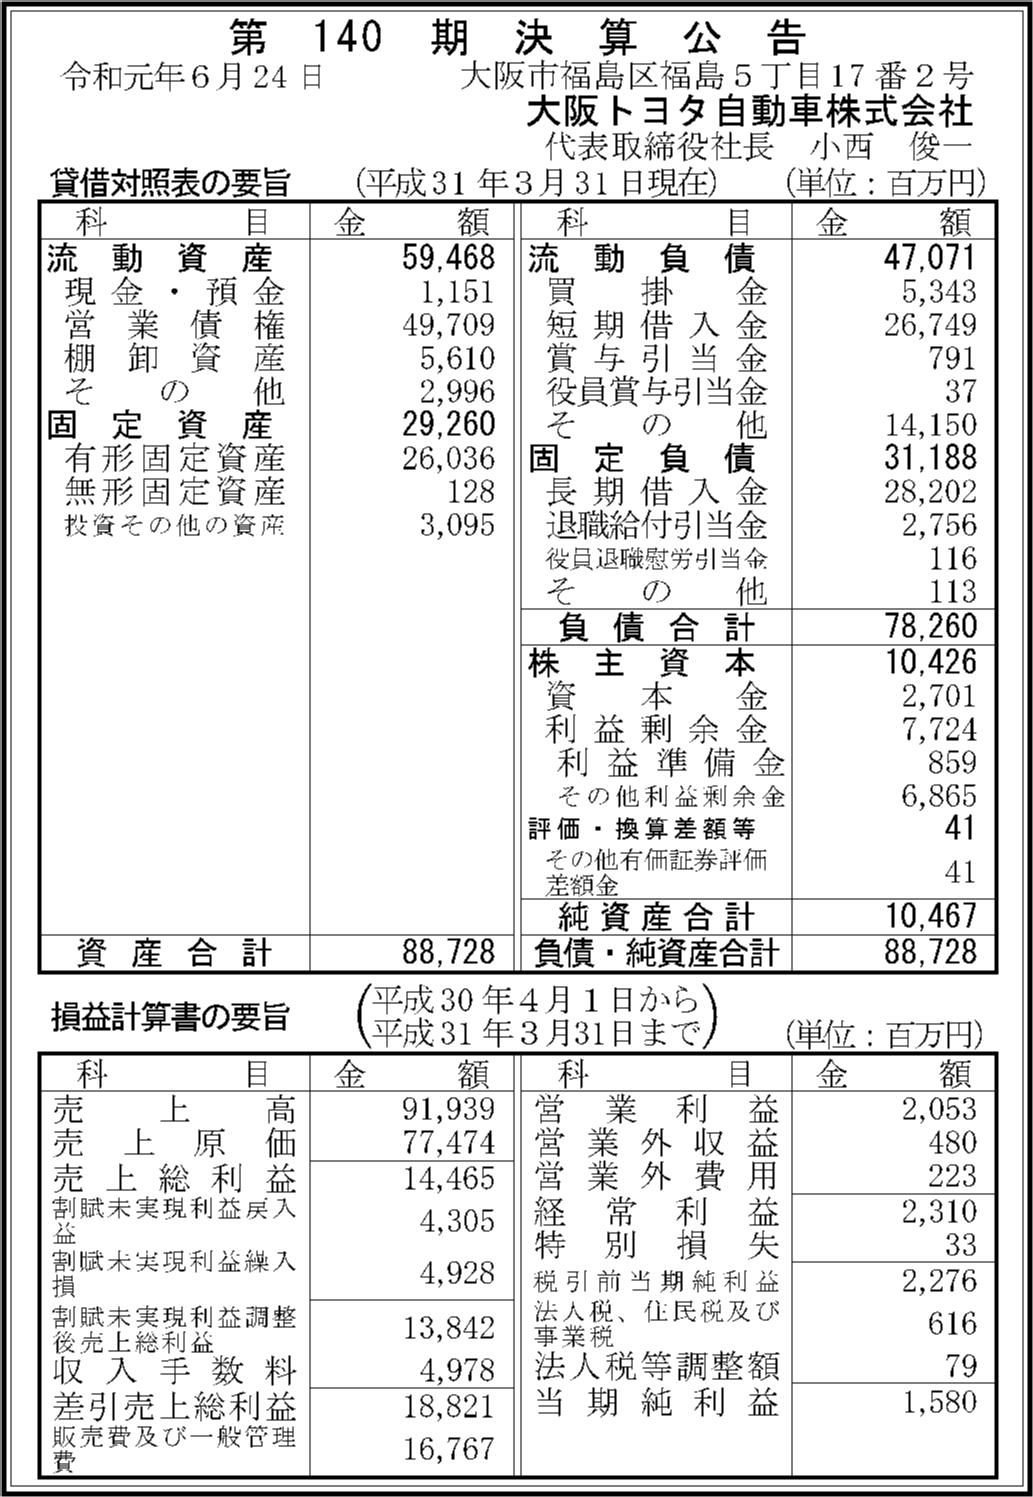 0189 79afaa91ddfa20542d8431b65b4b1630f4ce241199d3ae836cae45b0a1185349310a4785236ad907b046b841ba423849751b3638001162604bcb8a6afd7495a1 04